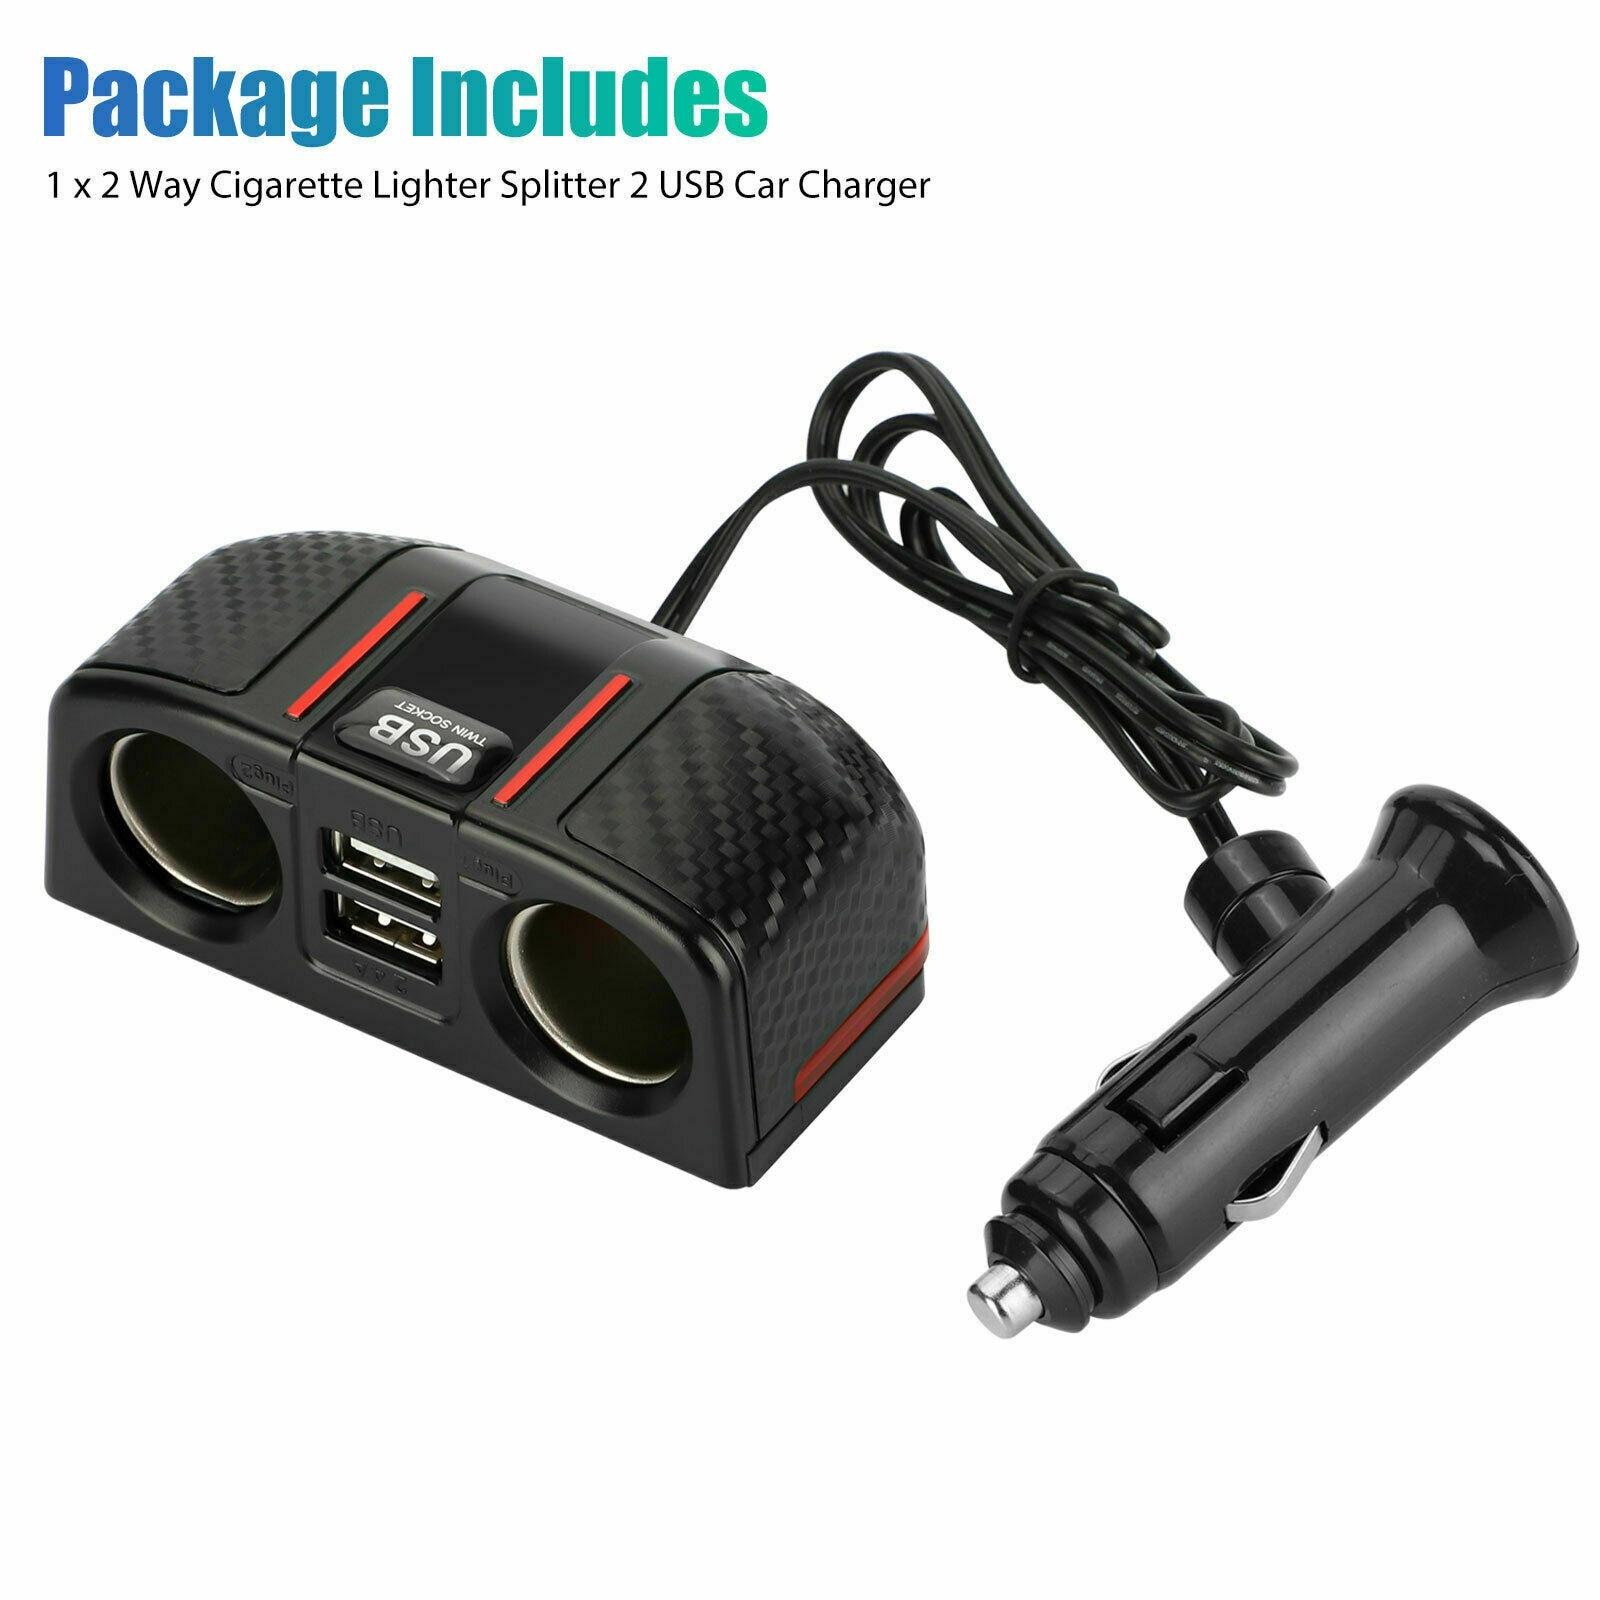 Автомобильный двухсторонний прикуриватель + двойной USB-разветвитель зарядного устройства 12 В, выходной адаптер питания, аксессуары для авт...